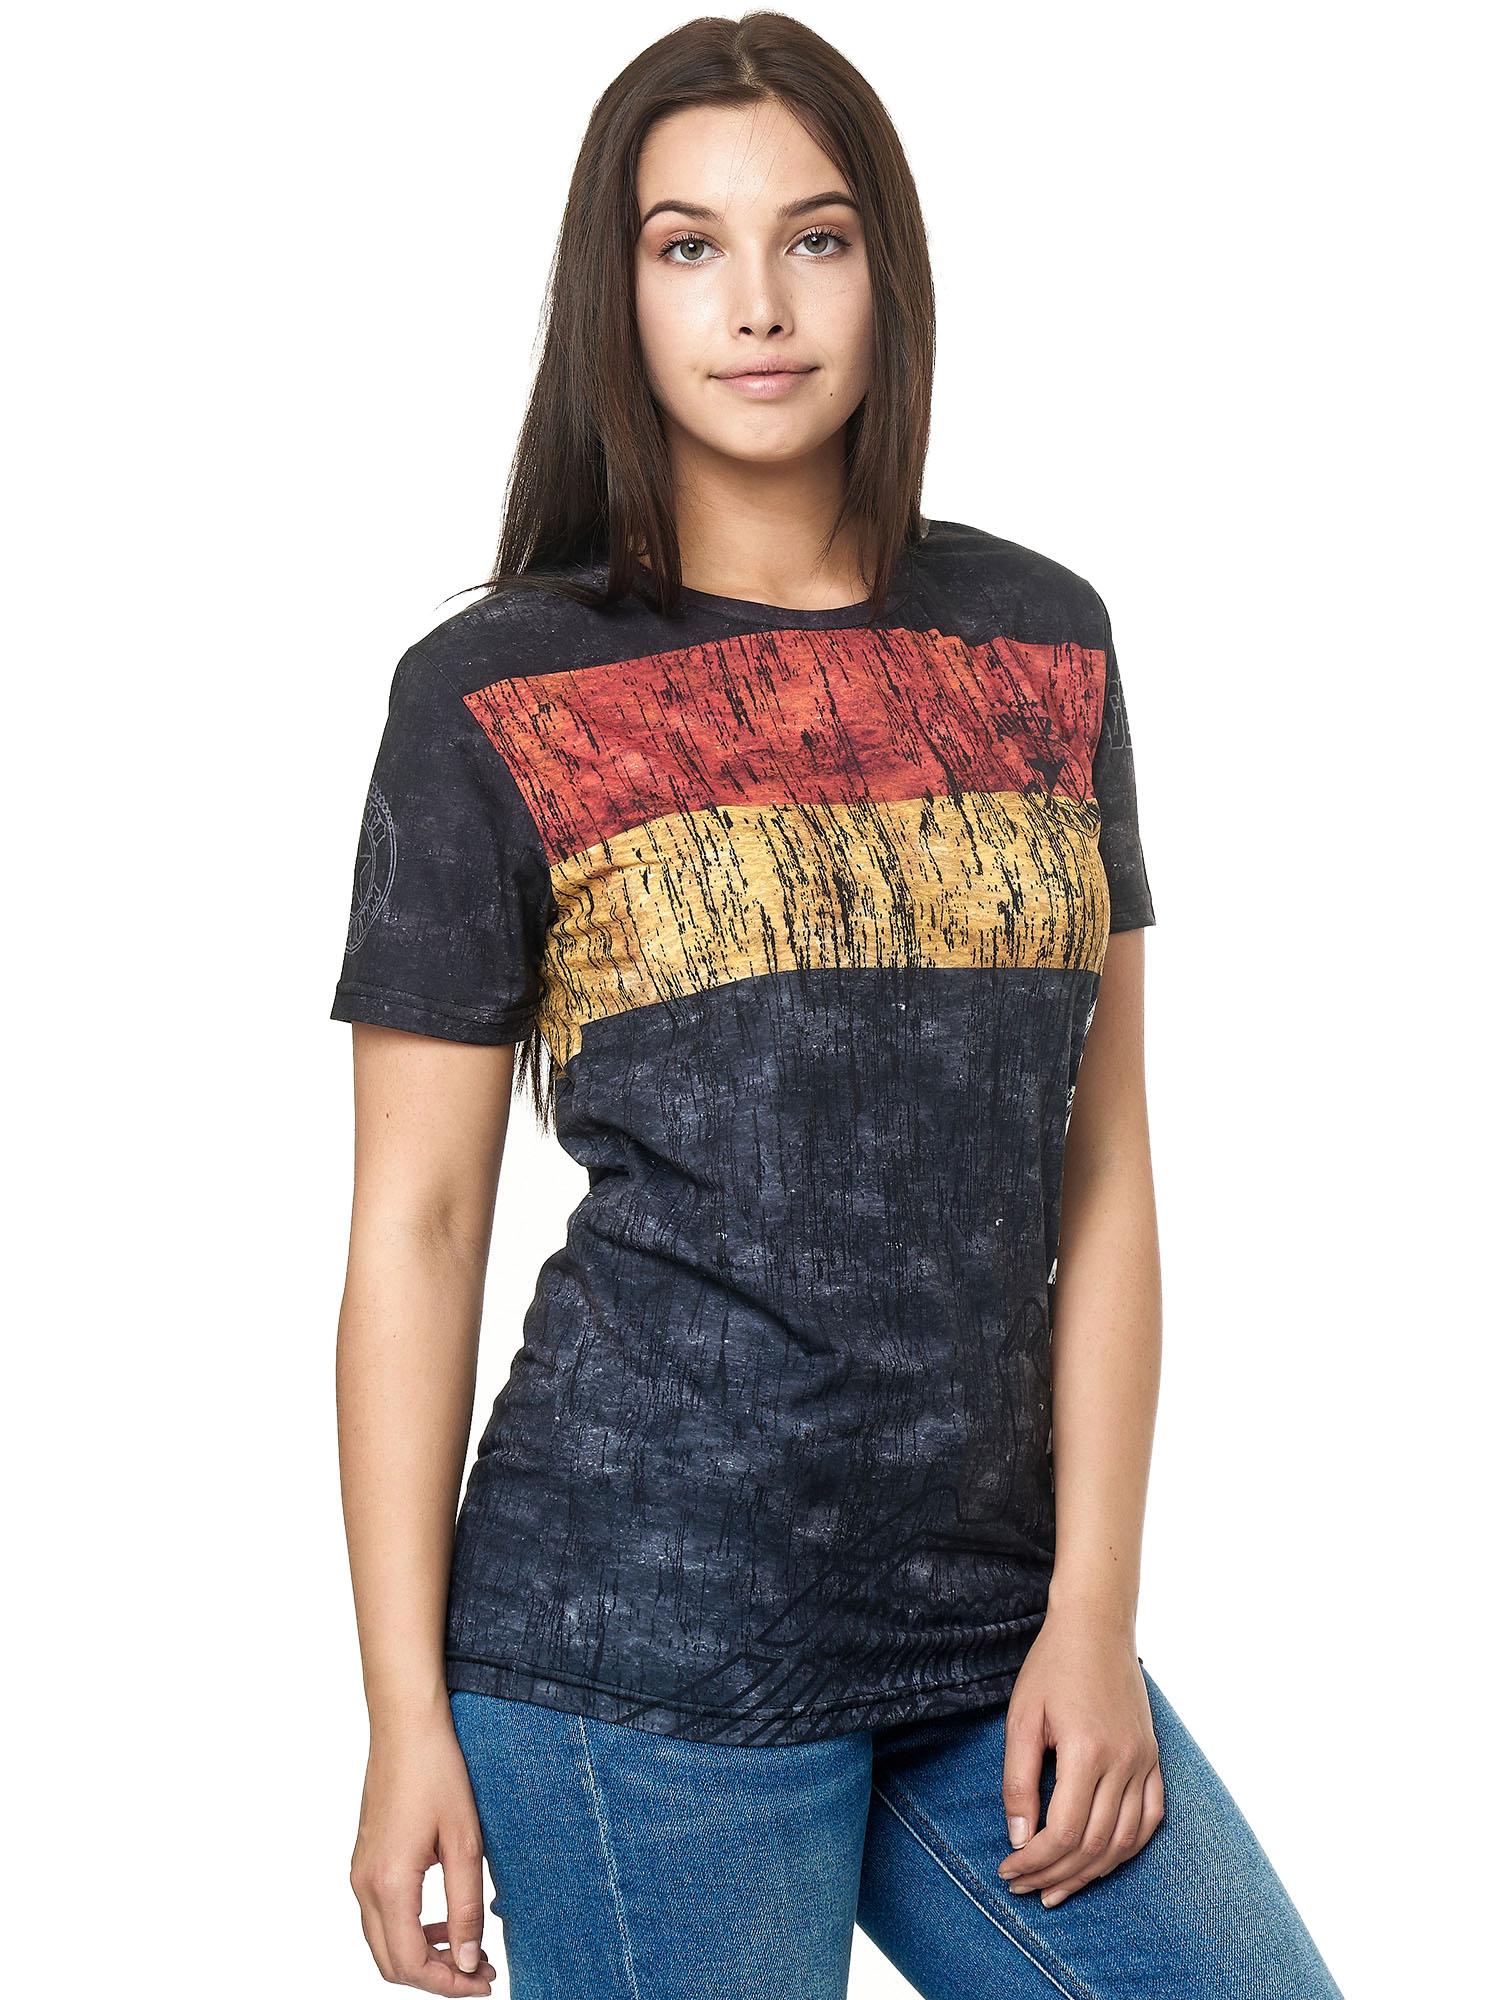 Paesi-da-Donna-T-shirt-A-Maniche-Corte-Girocollo-donne-CALCIO-Fanshirt-John-Kayna miniatura 48